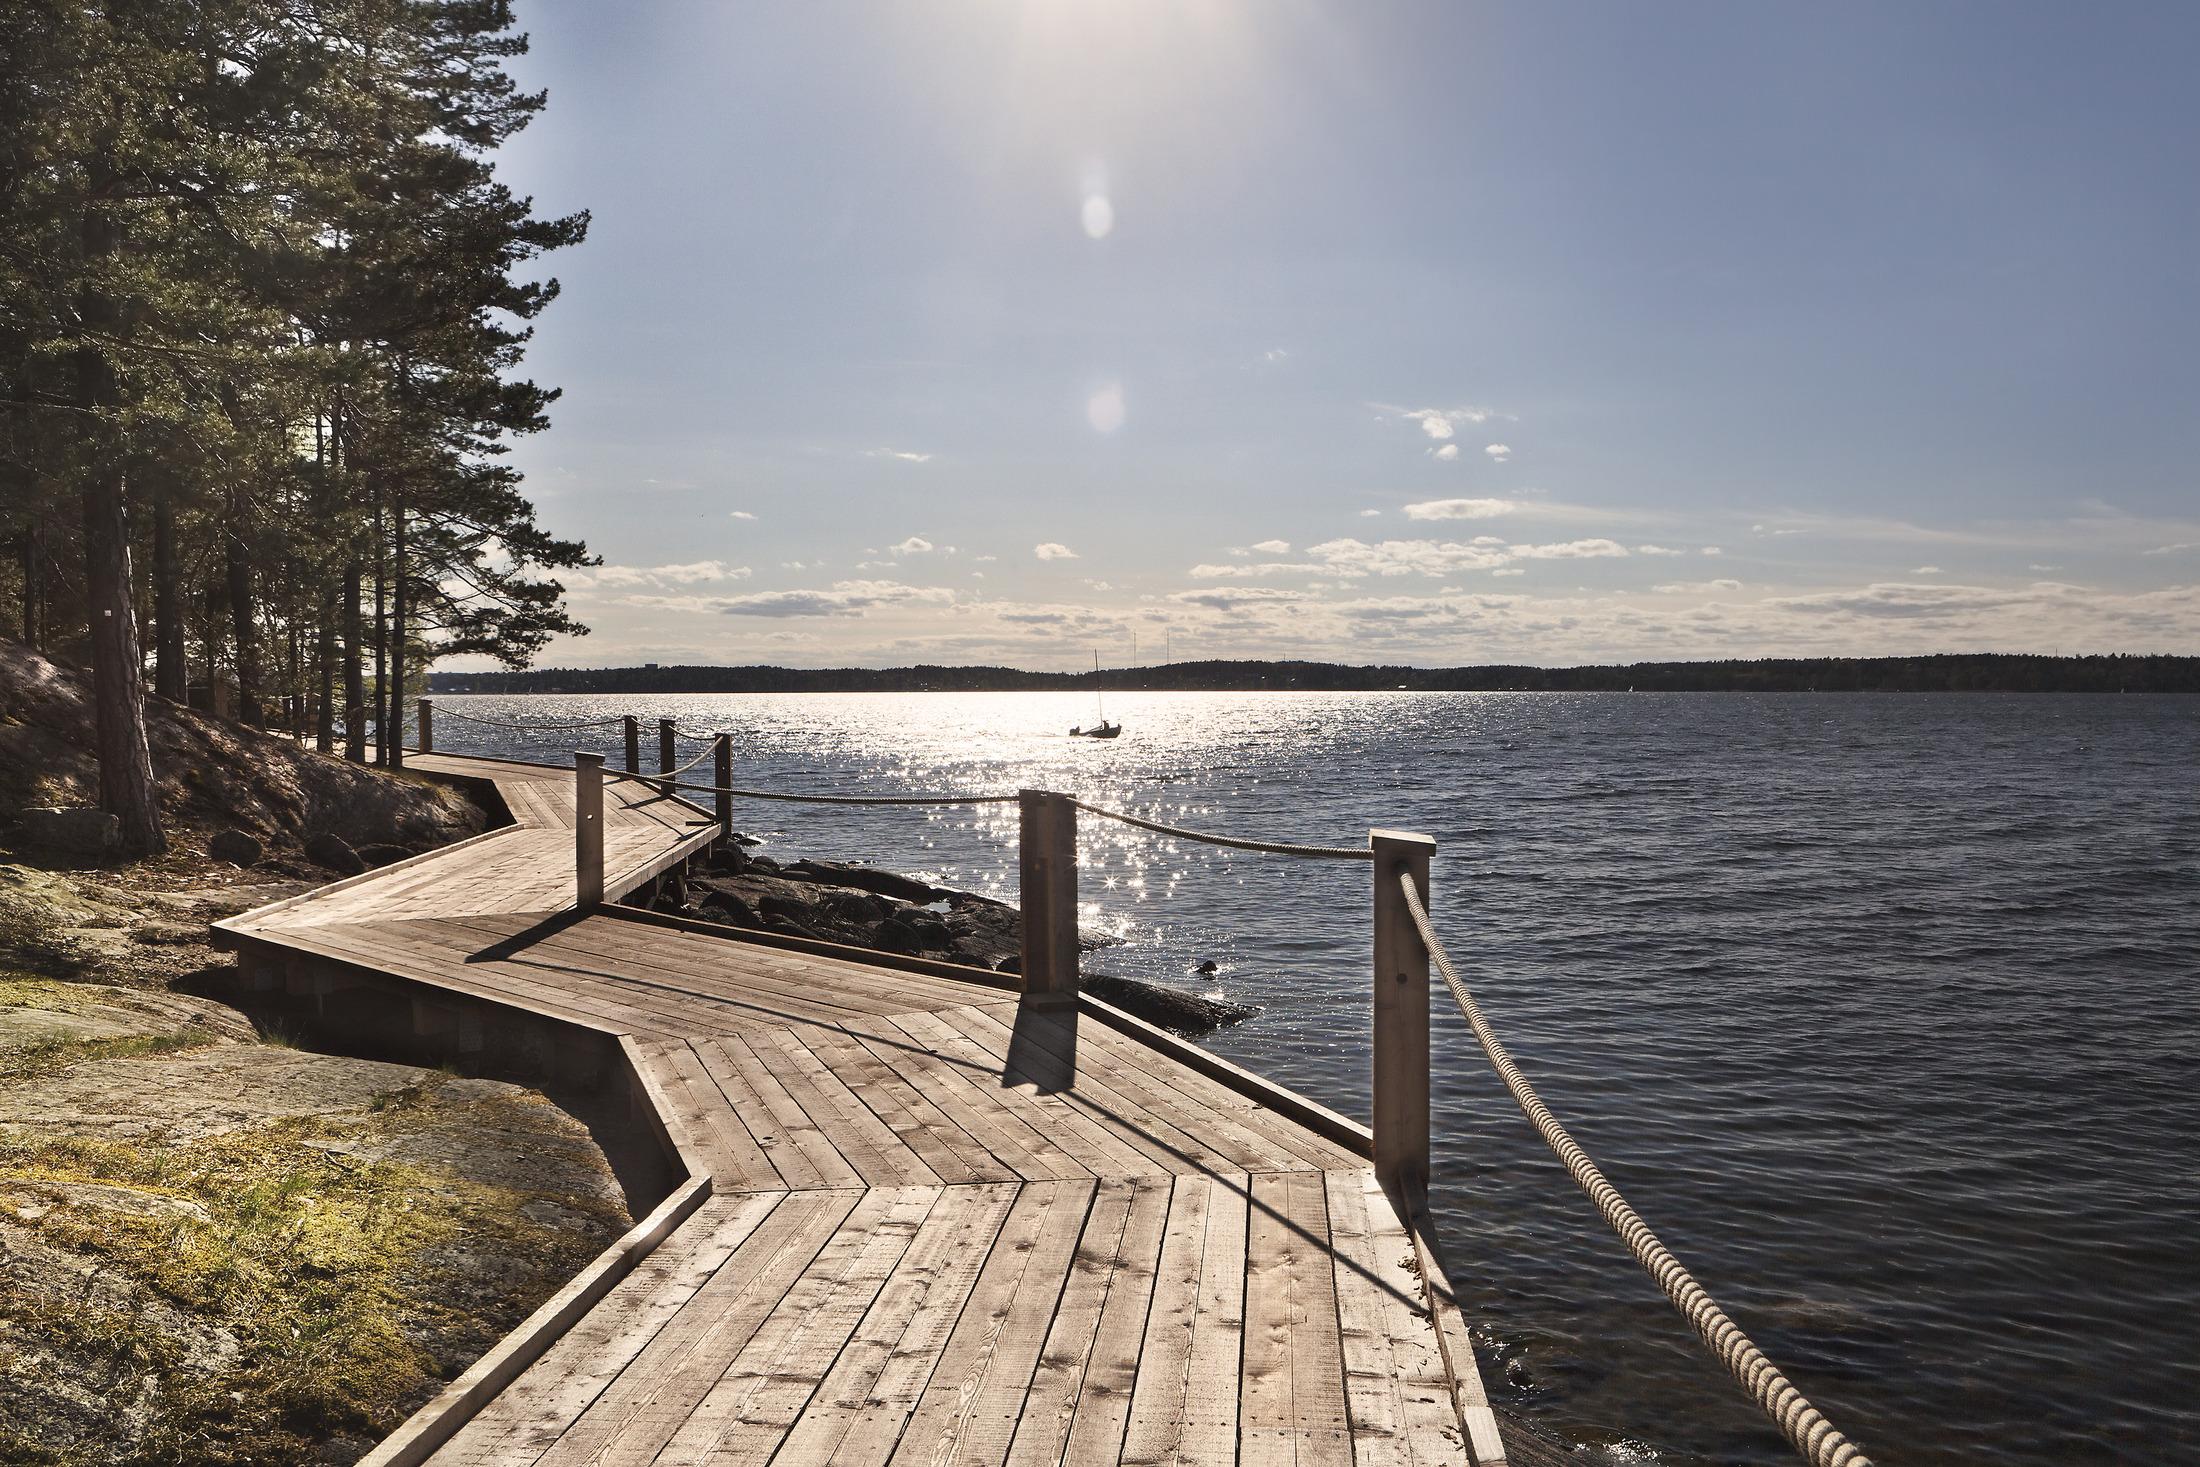 Strandpromenaden i trä längs vattnet vid konsthallen Artipelag på Värmdö.